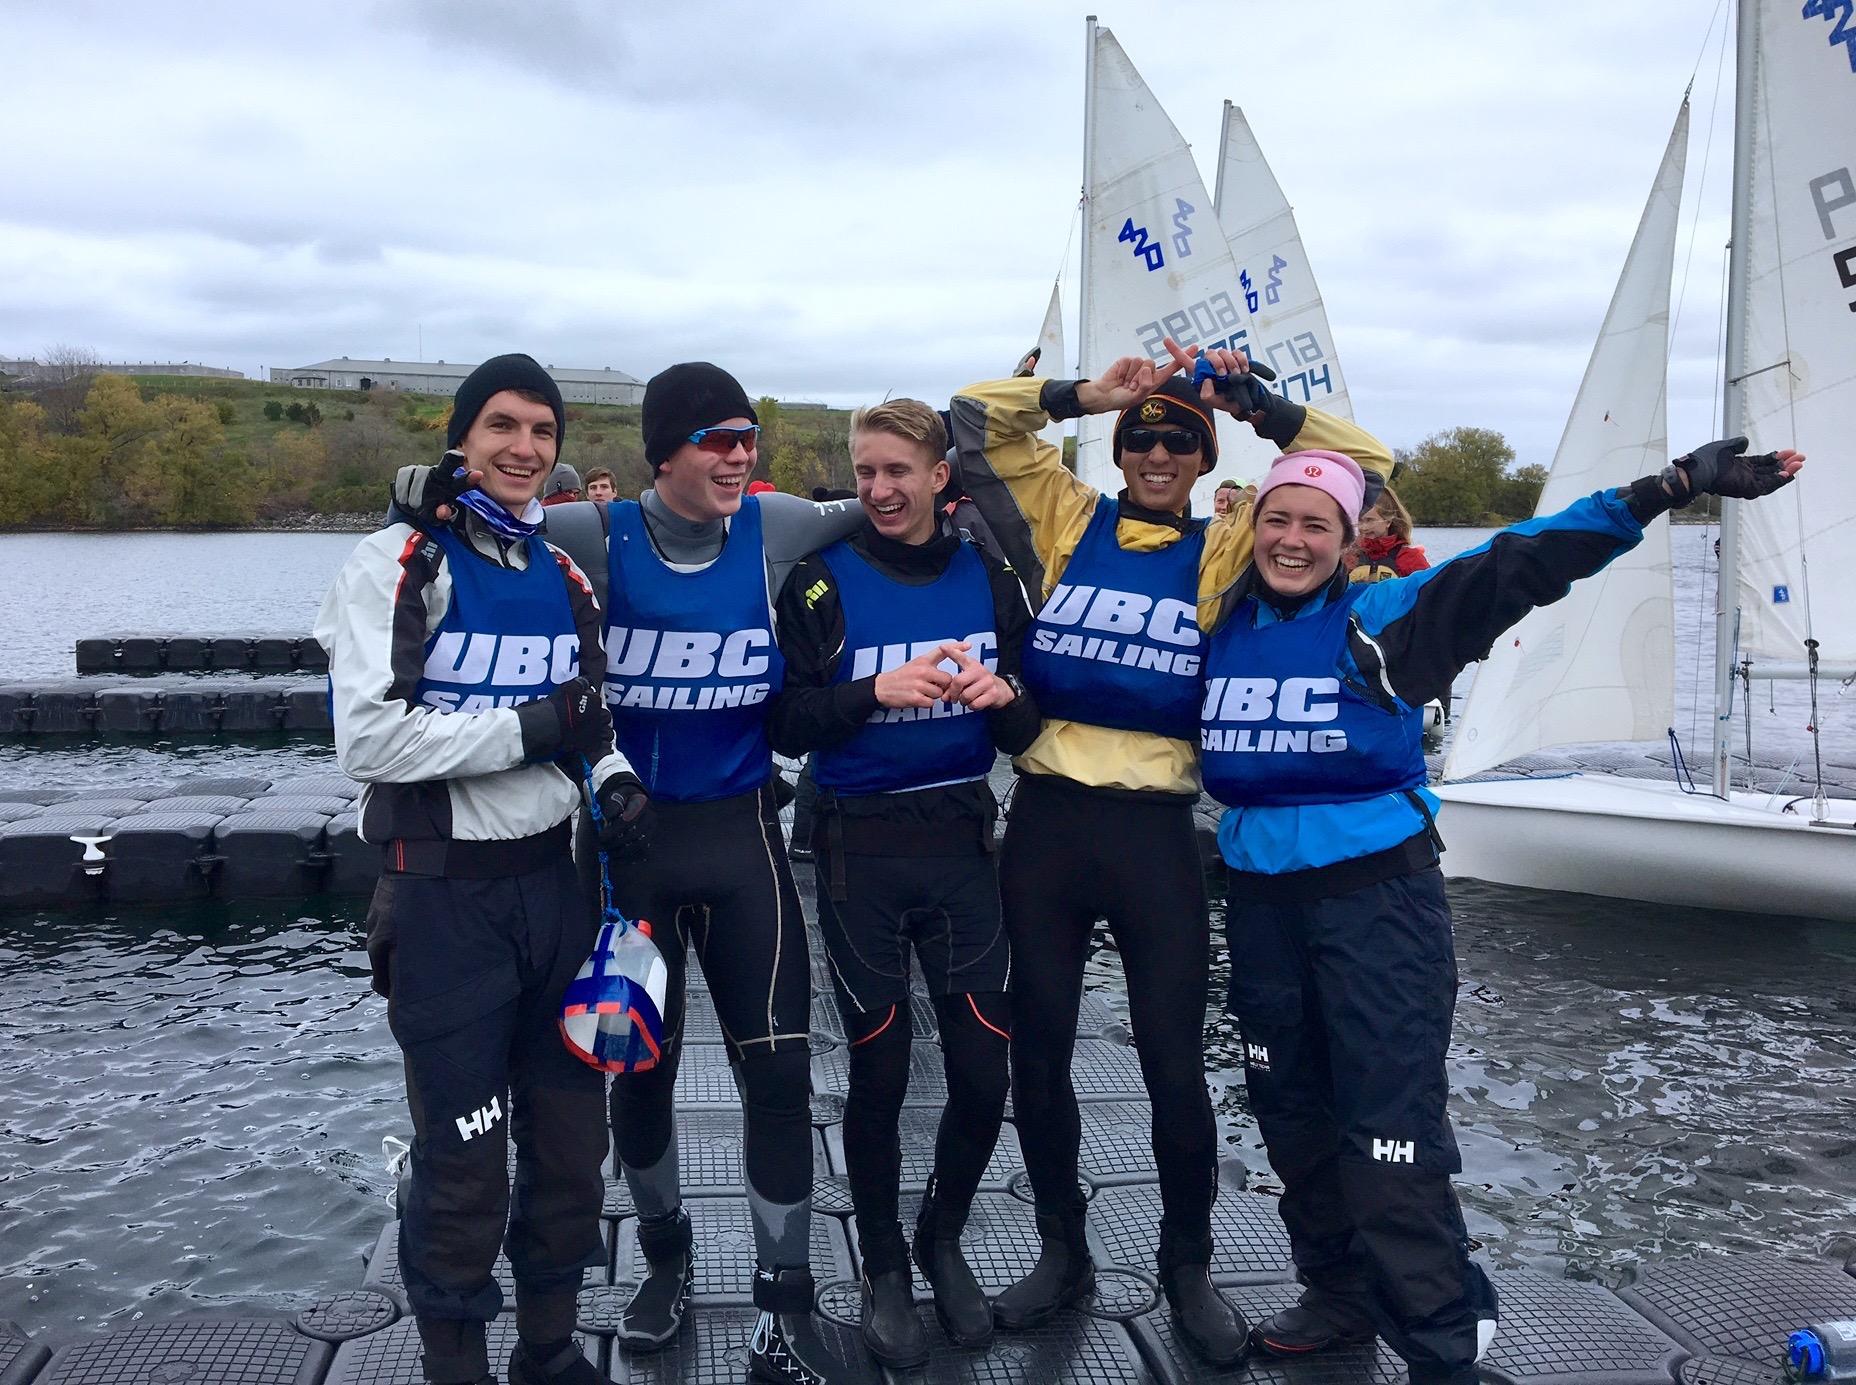 tsc_2016-17_sailing_blog_november_nats4